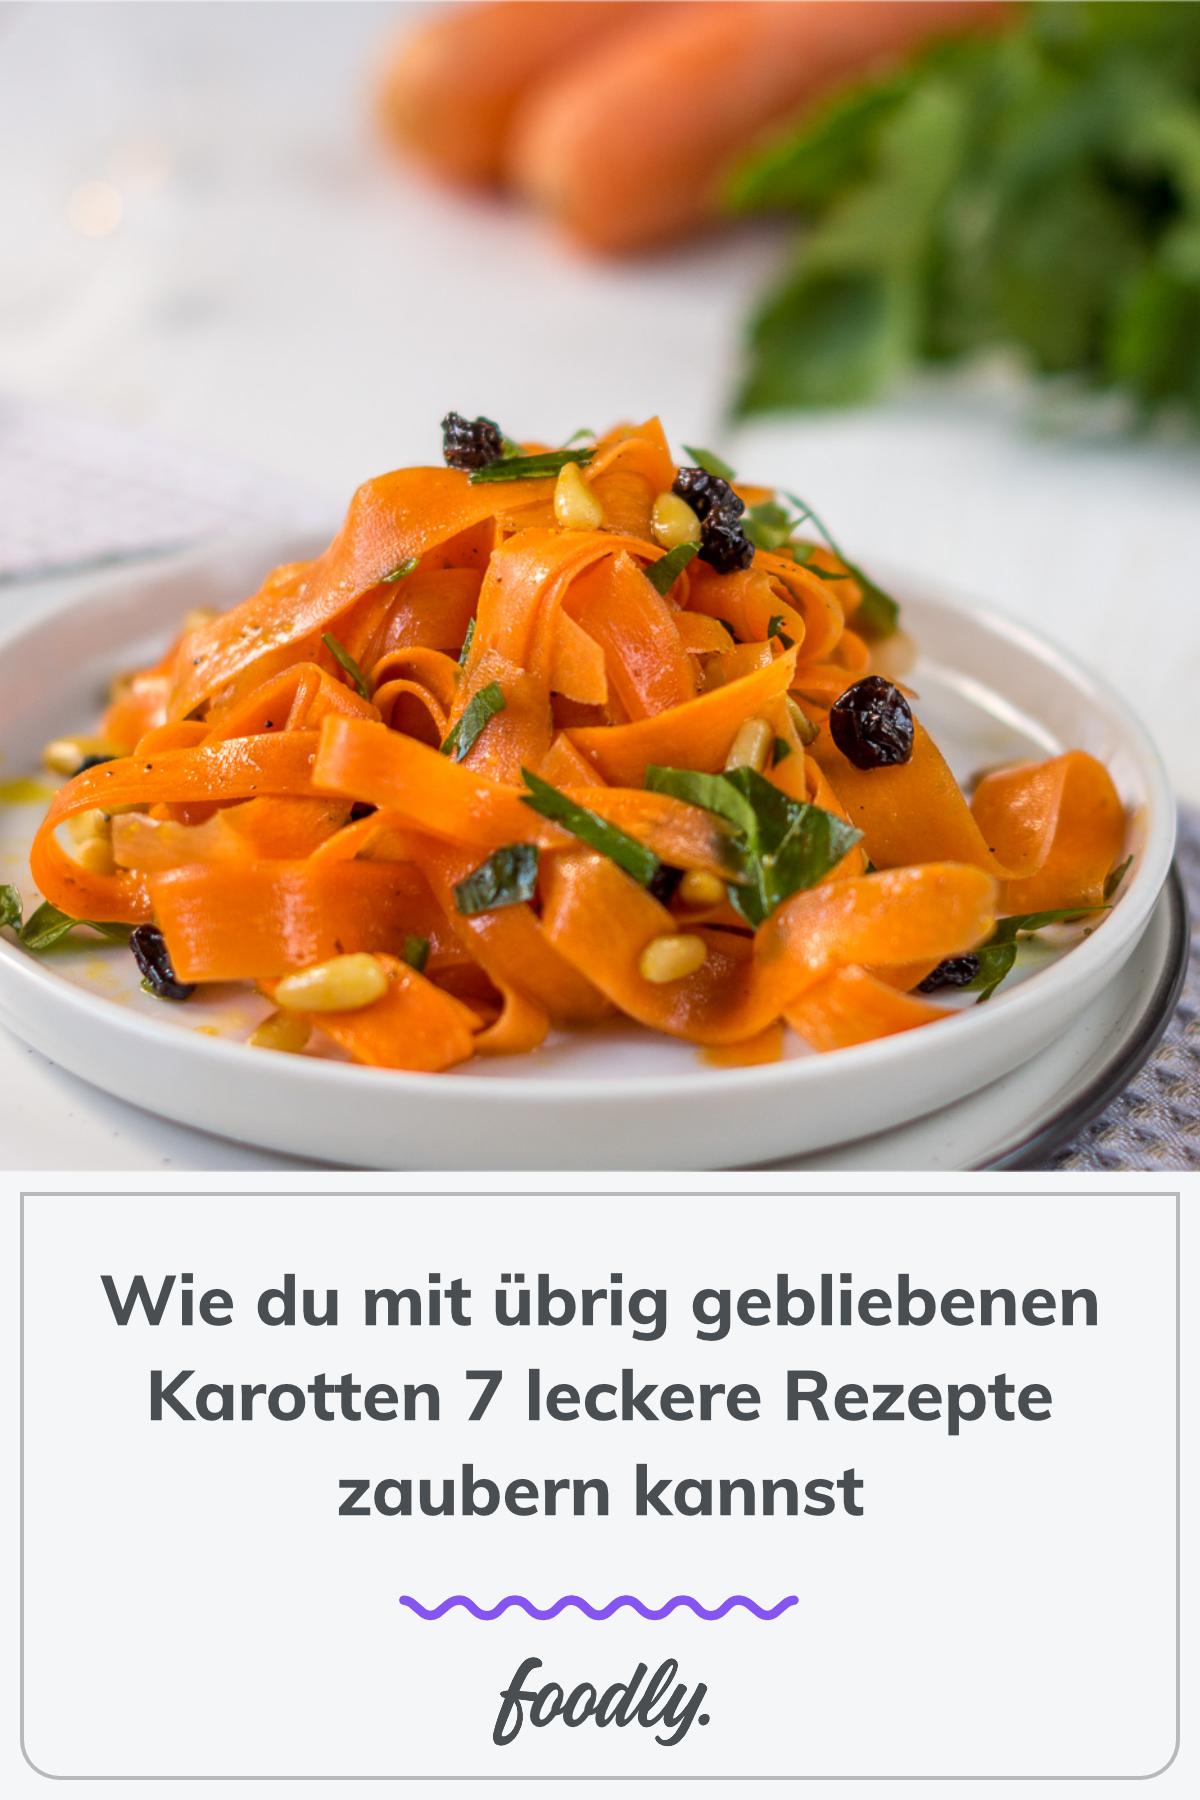 15b13bf2dbfa3c631ca8819489313d61 - Rezepte Mit Karotte